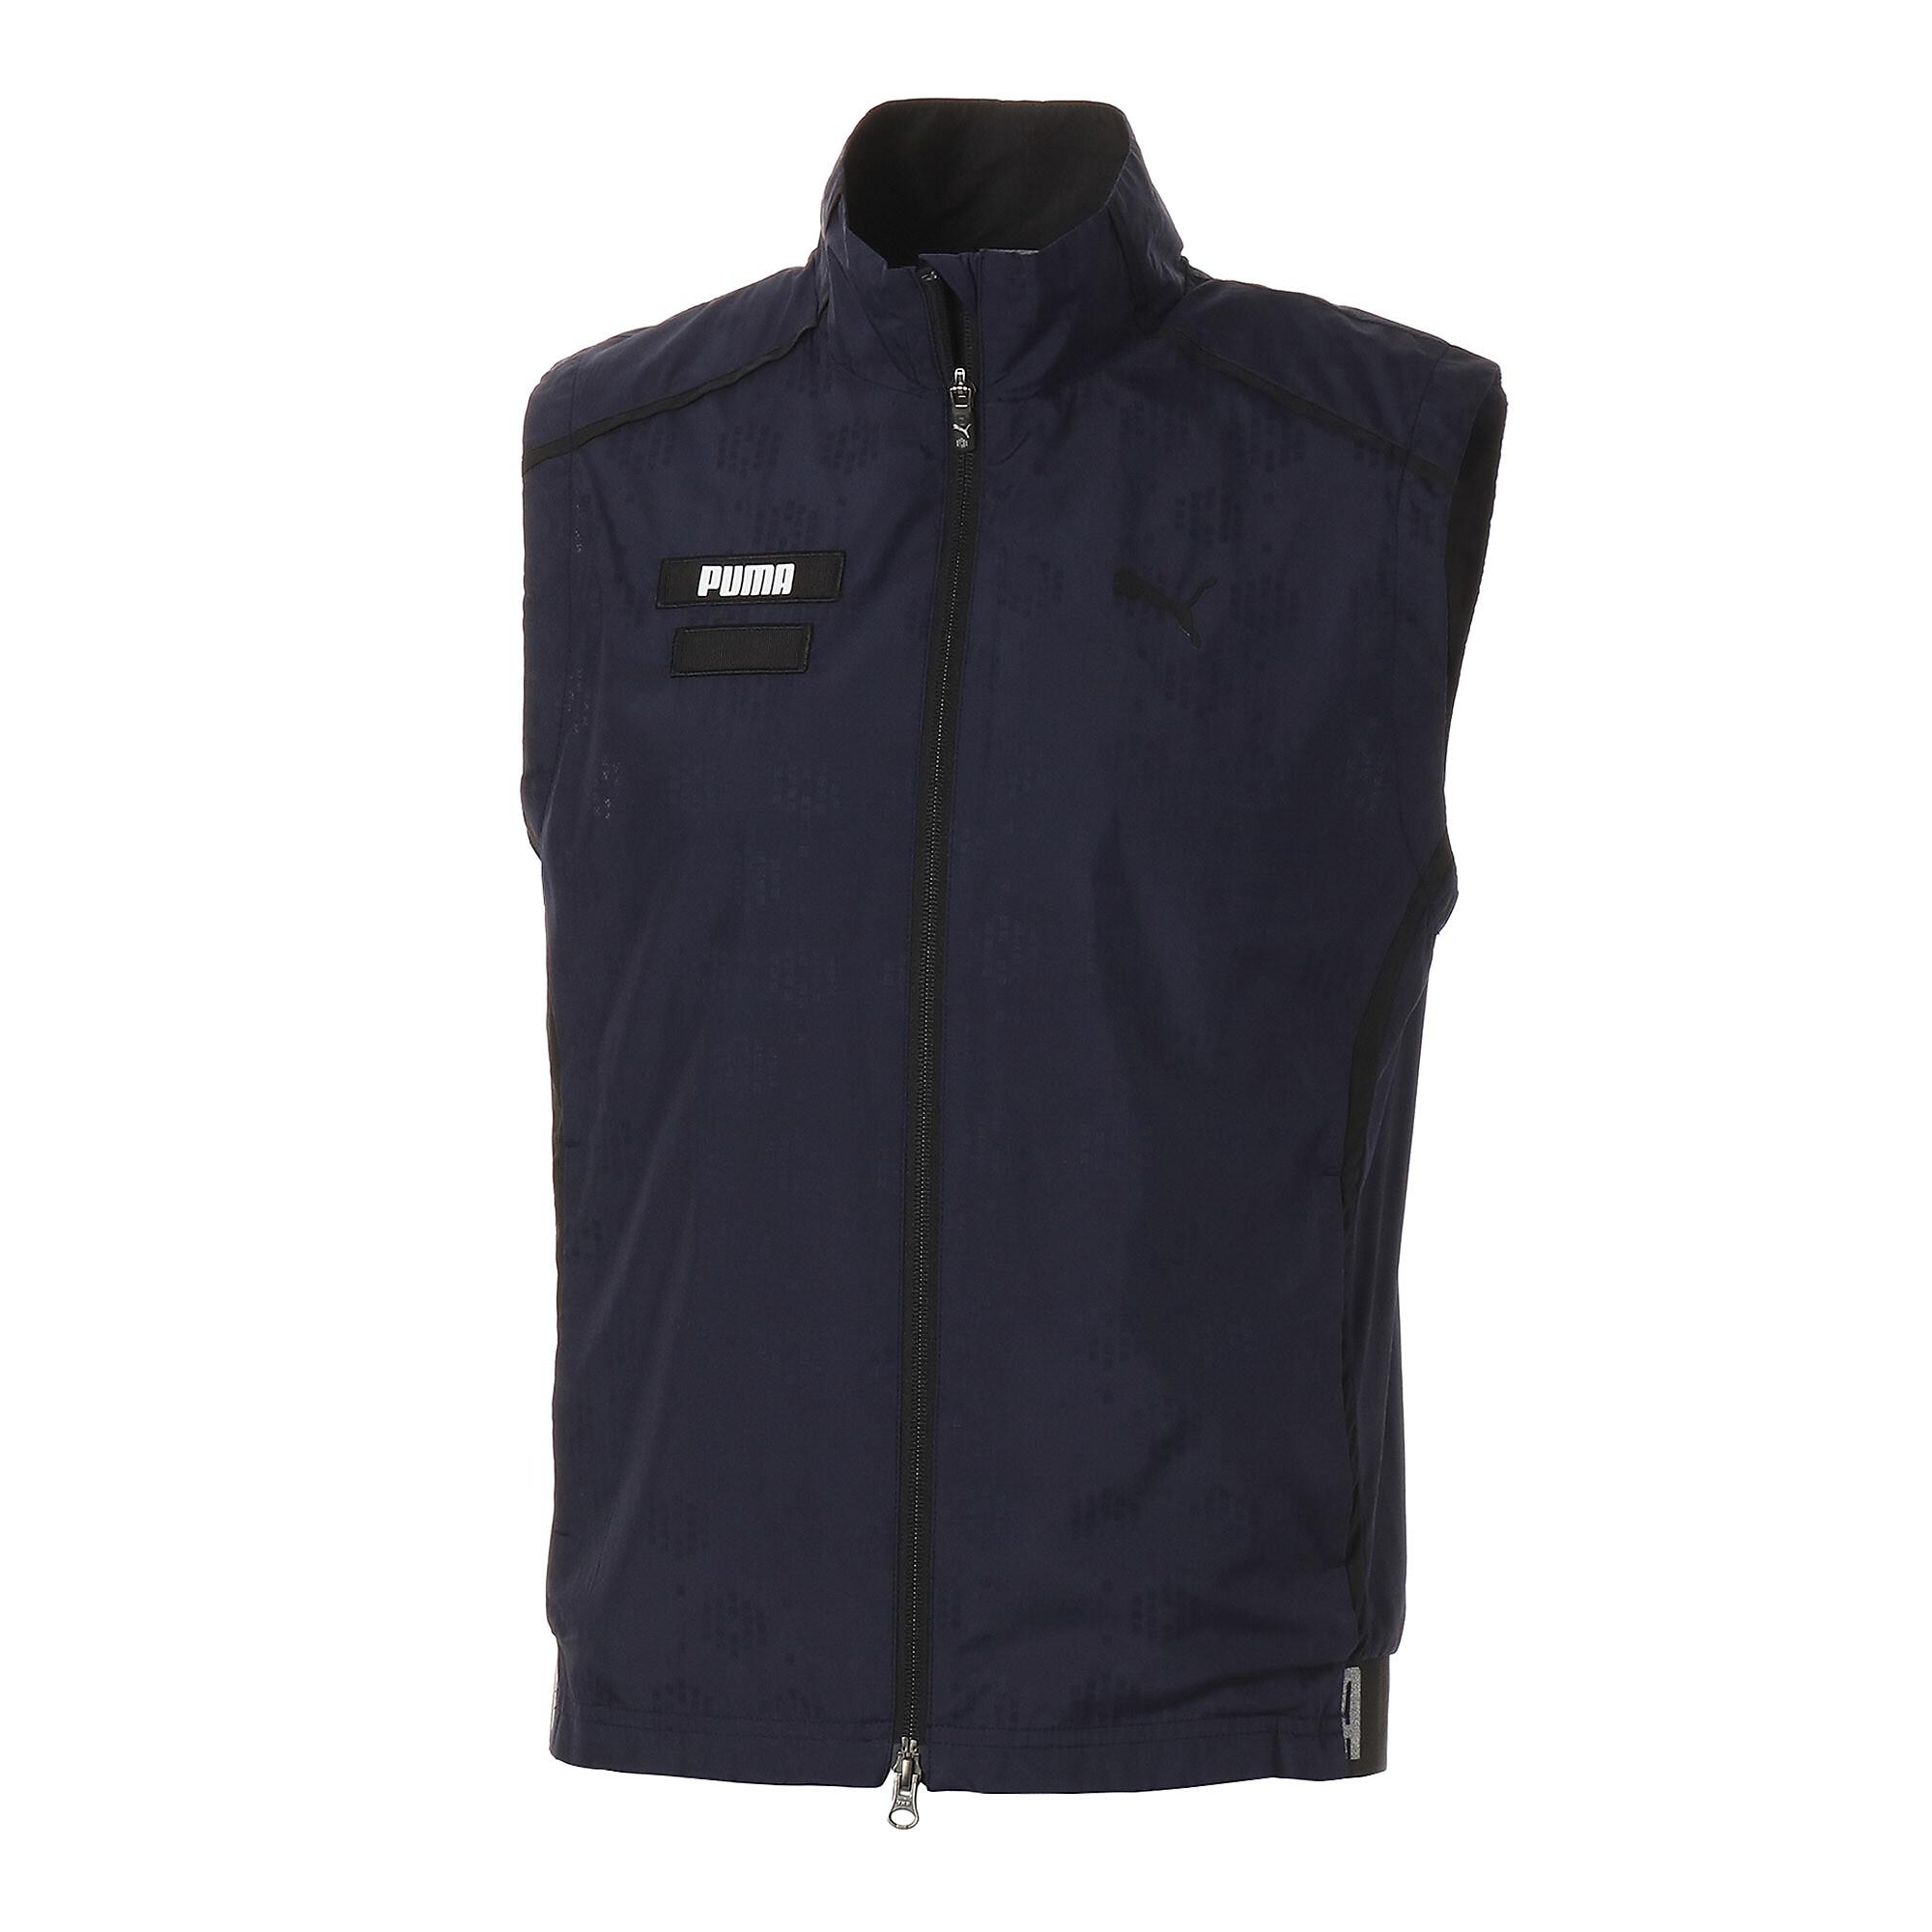 【プーマ公式通販】 プーマ ゴルフ ウィンド ベスト メンズ Peacoat |PUMA.com